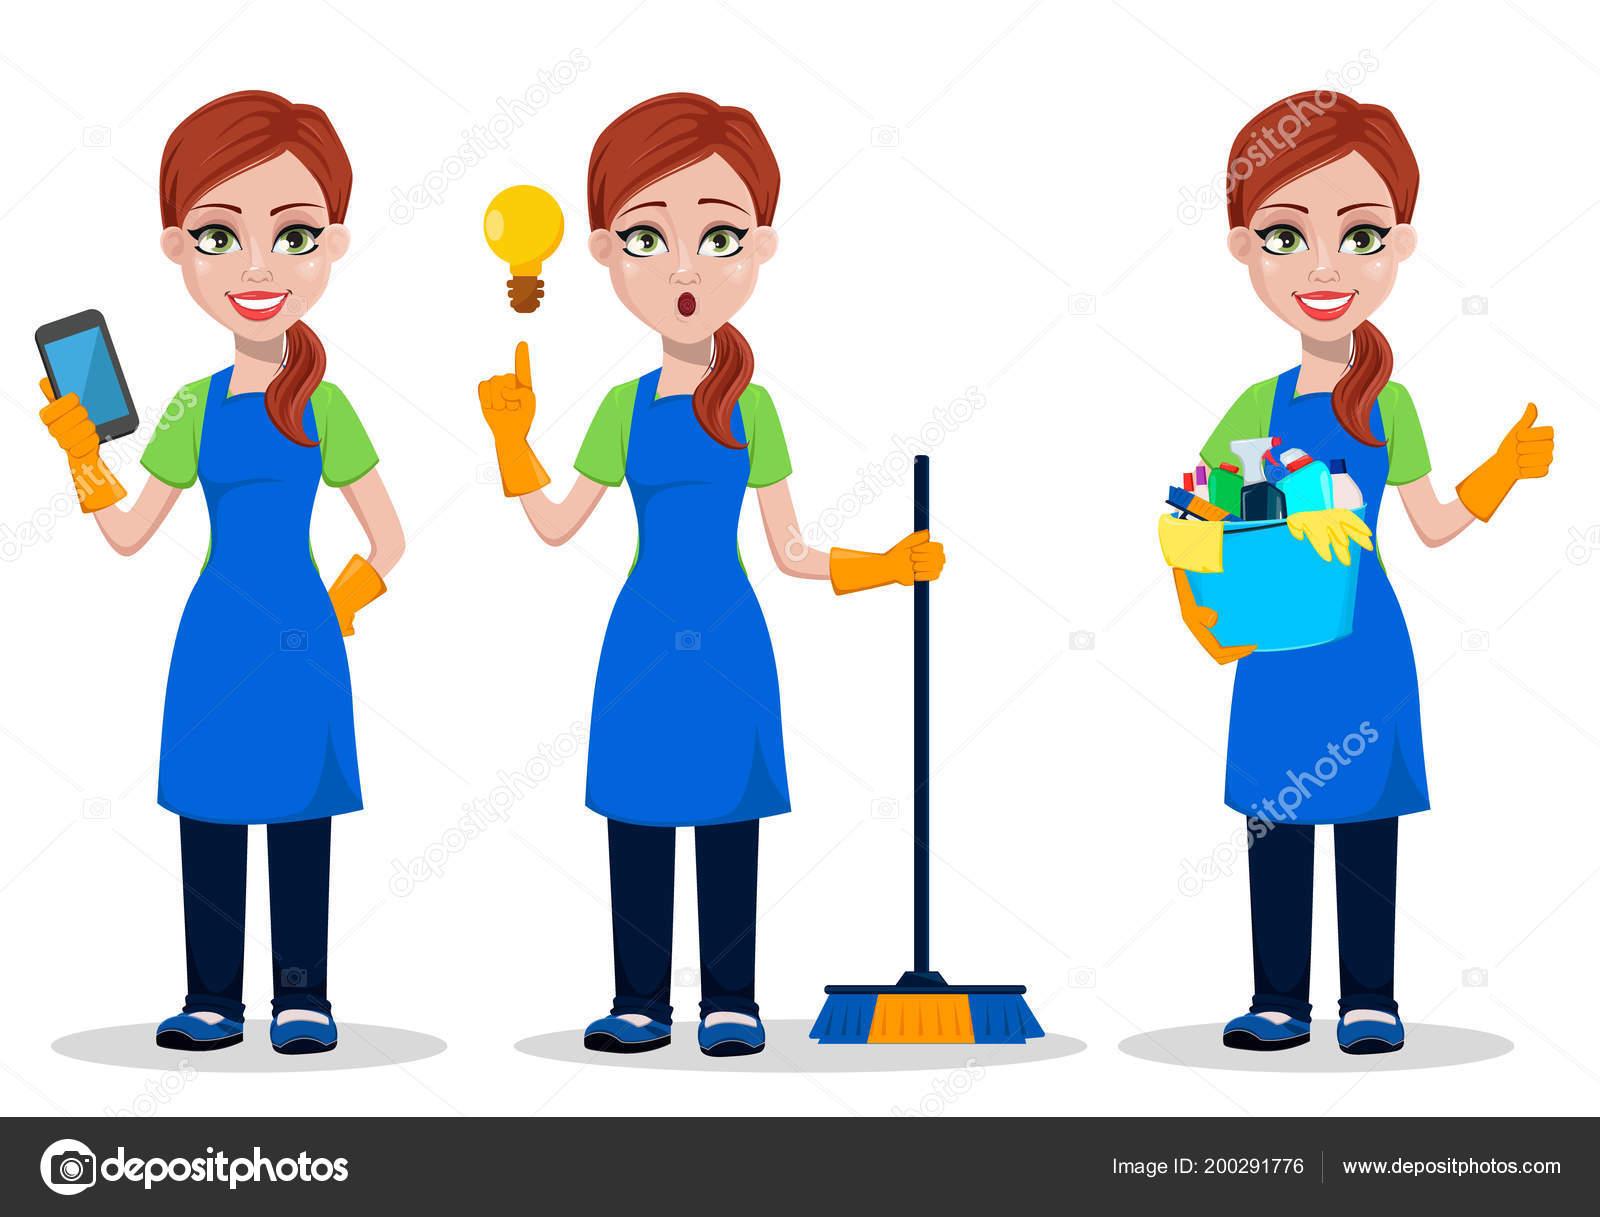 5dfcca10f41e1a depositphotos_200291776-stockillustratie-schoonmaakpersoneel-van-het-bedrijf -uniform.jpg